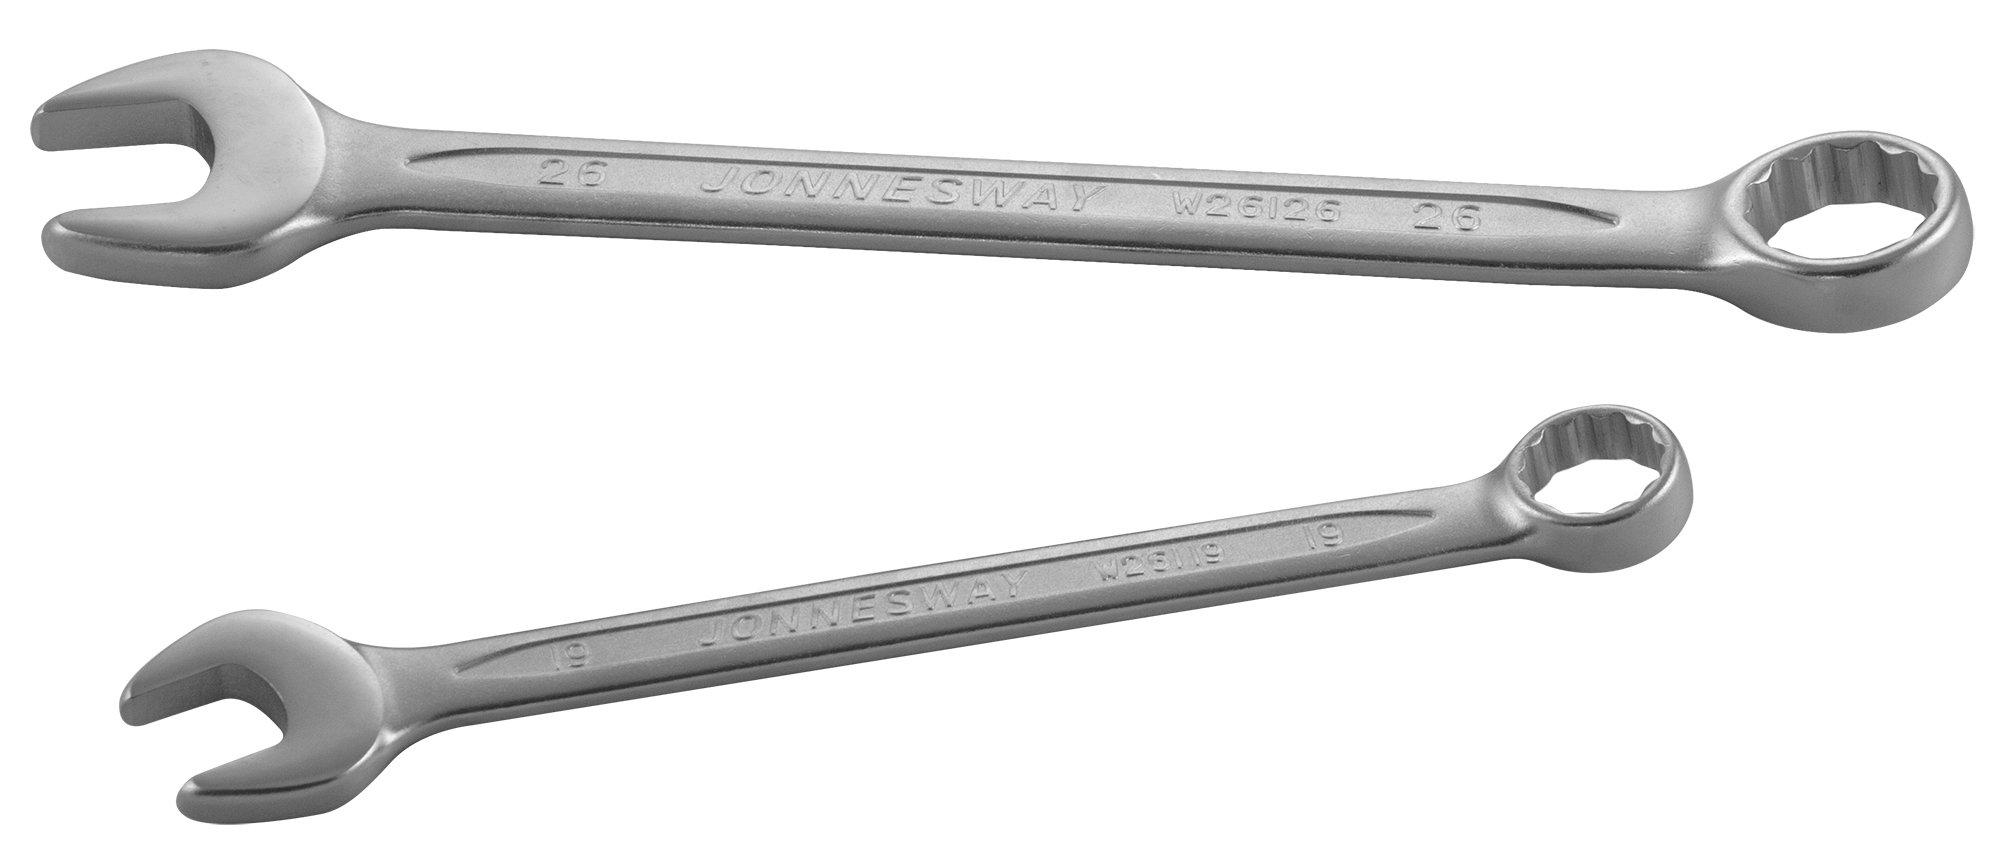 Ключ гаечный комбинированный 28 мм Jonnesway W26128